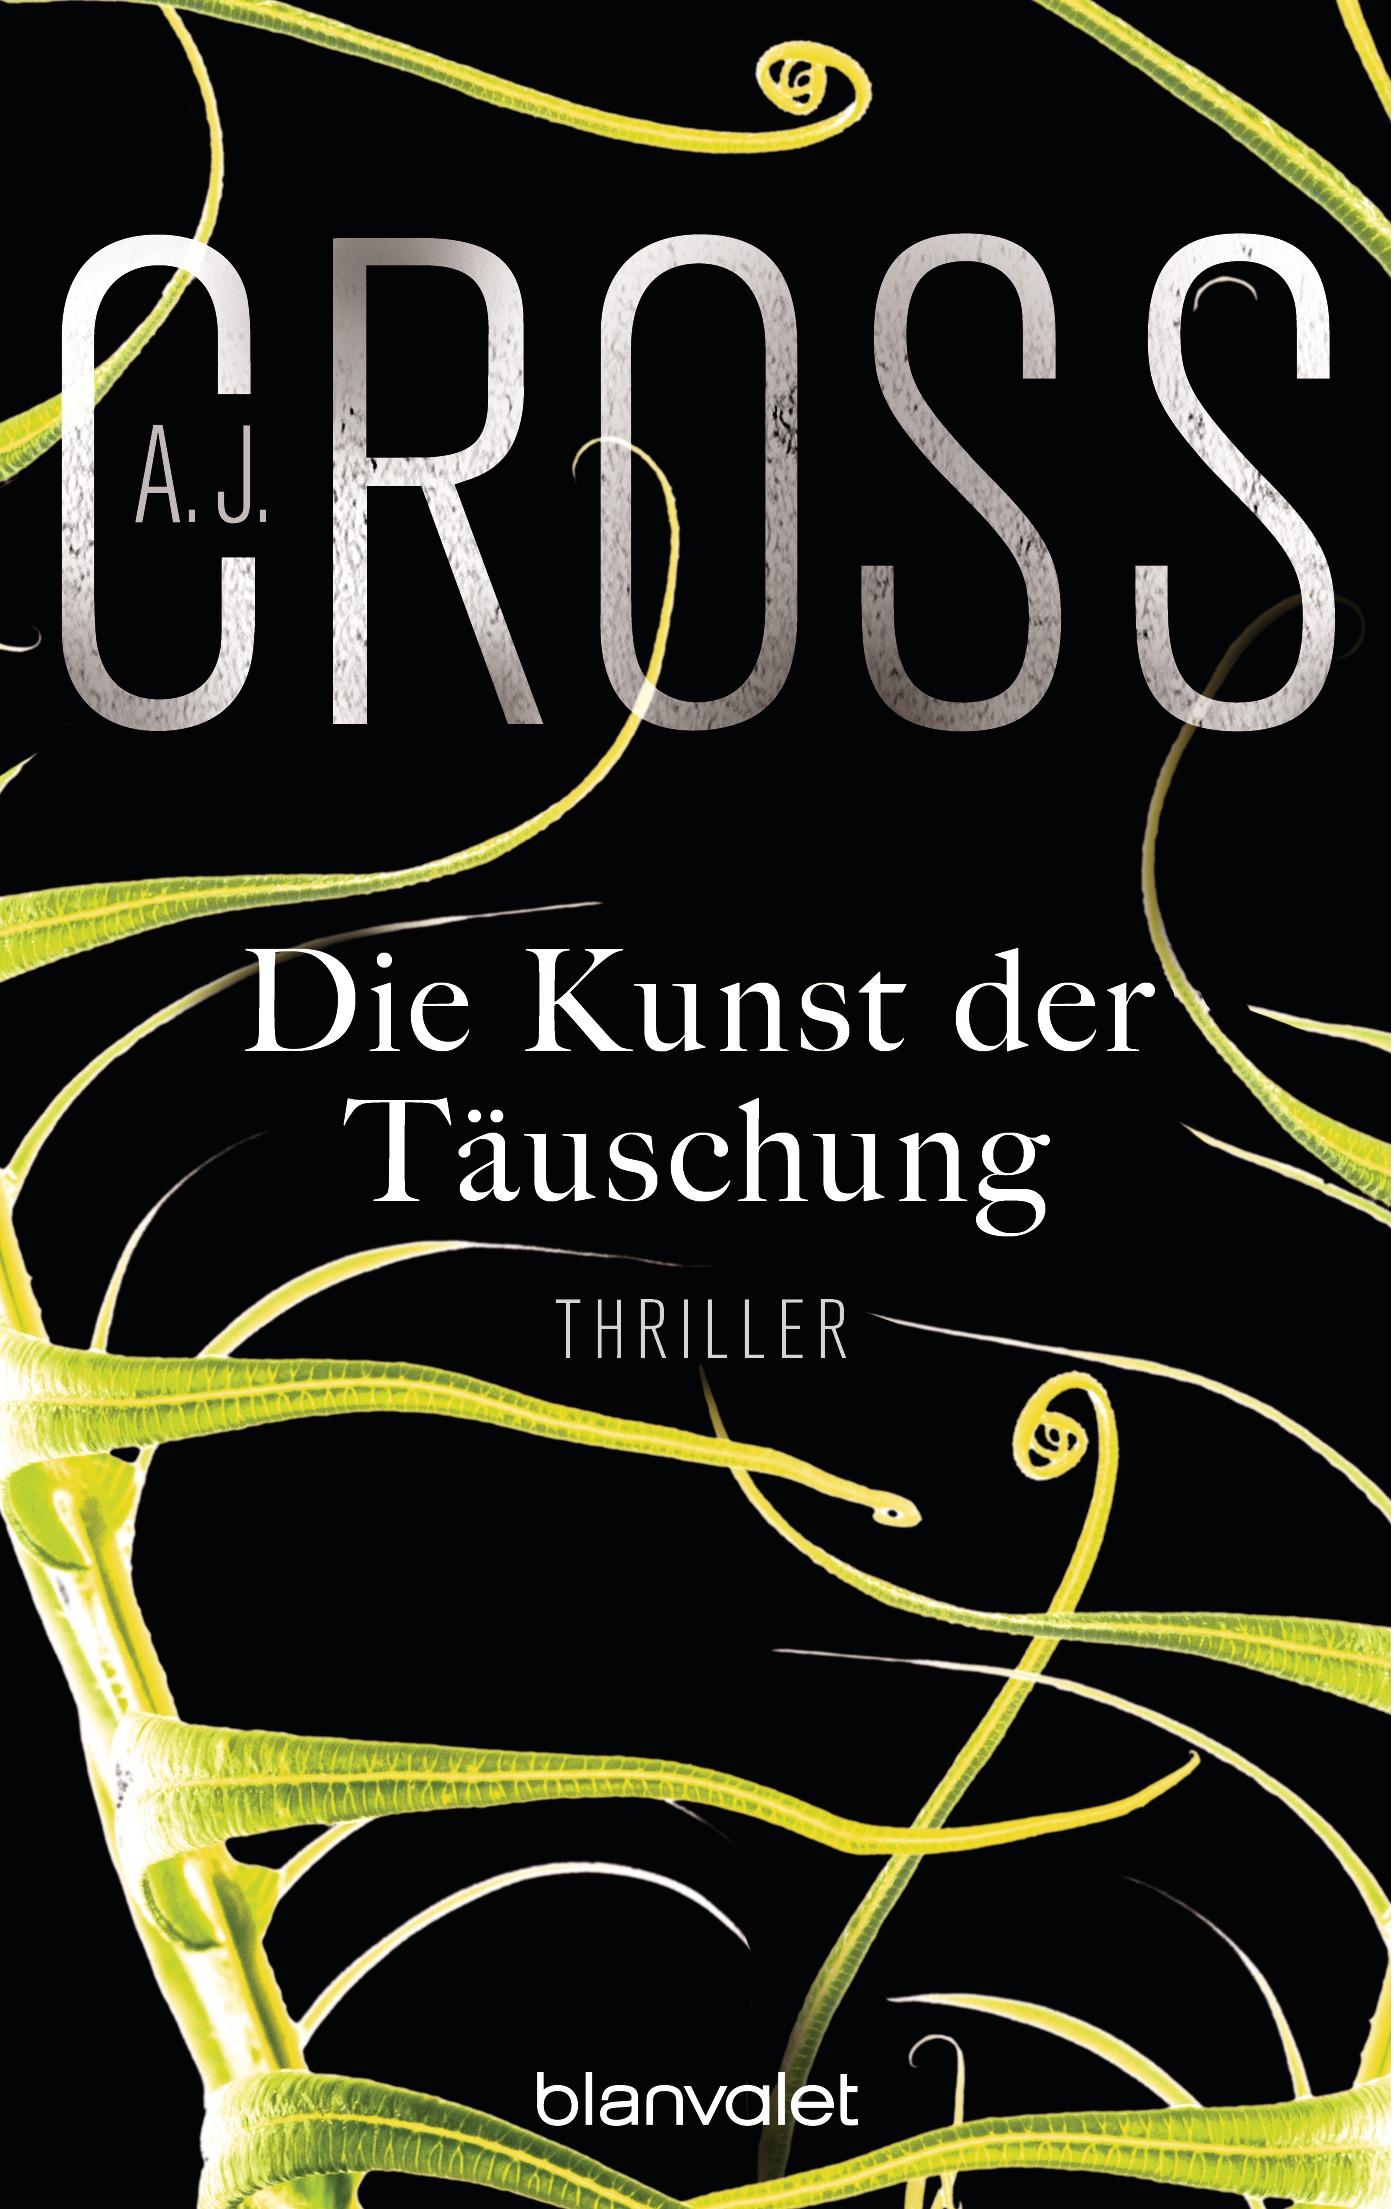 Die Kunst der Täuschung - A.J. Cross